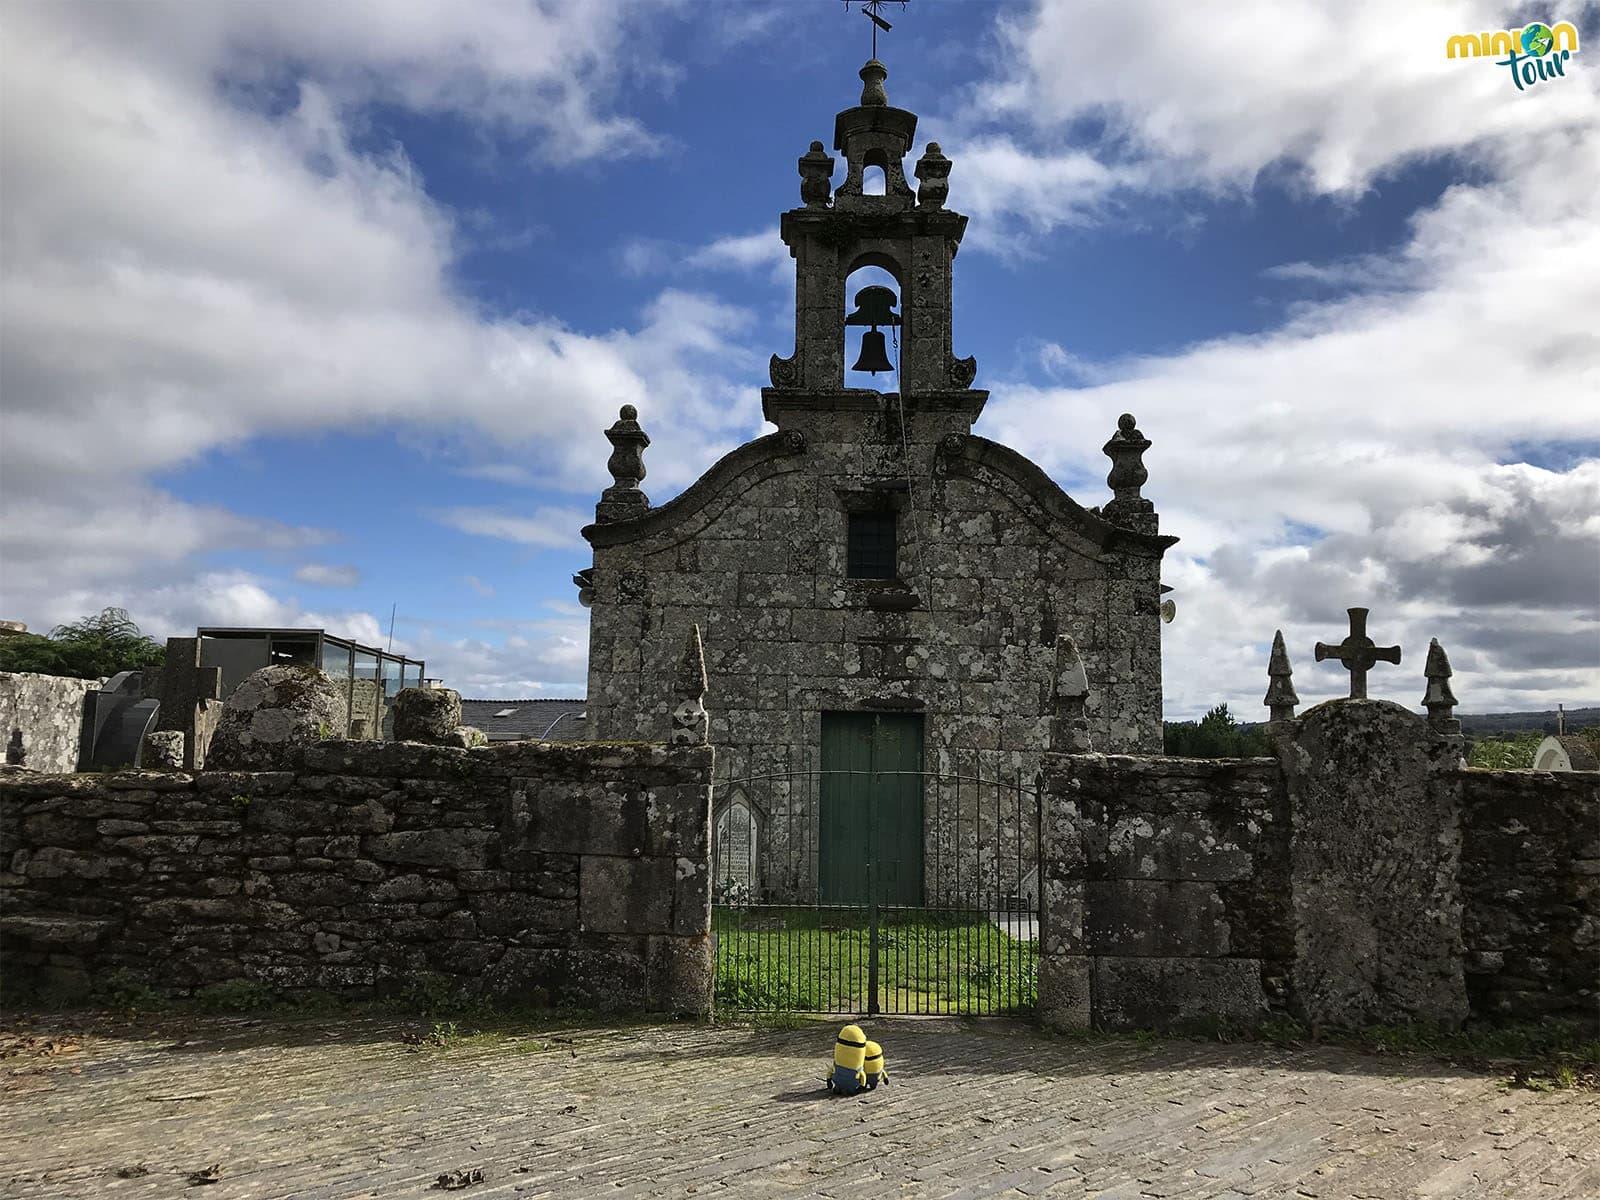 Subimos hasta la iglesia parroquial de Santa Eulalia de Bóveda de Mera